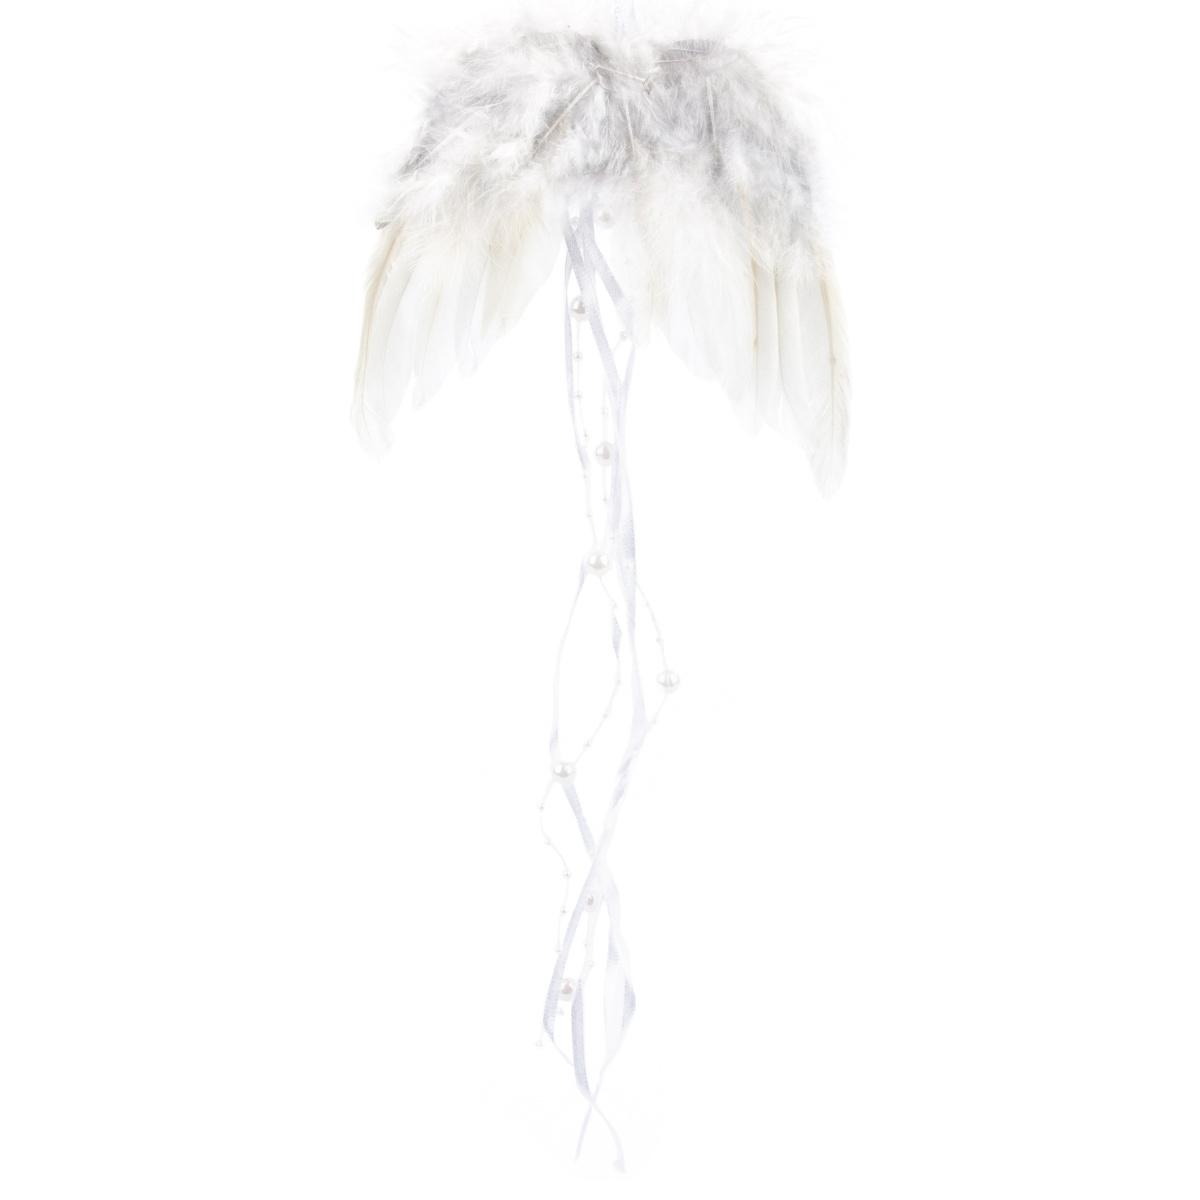 Zestaw ozdób bożonarodzeniowych Angel wings, 2 szt.